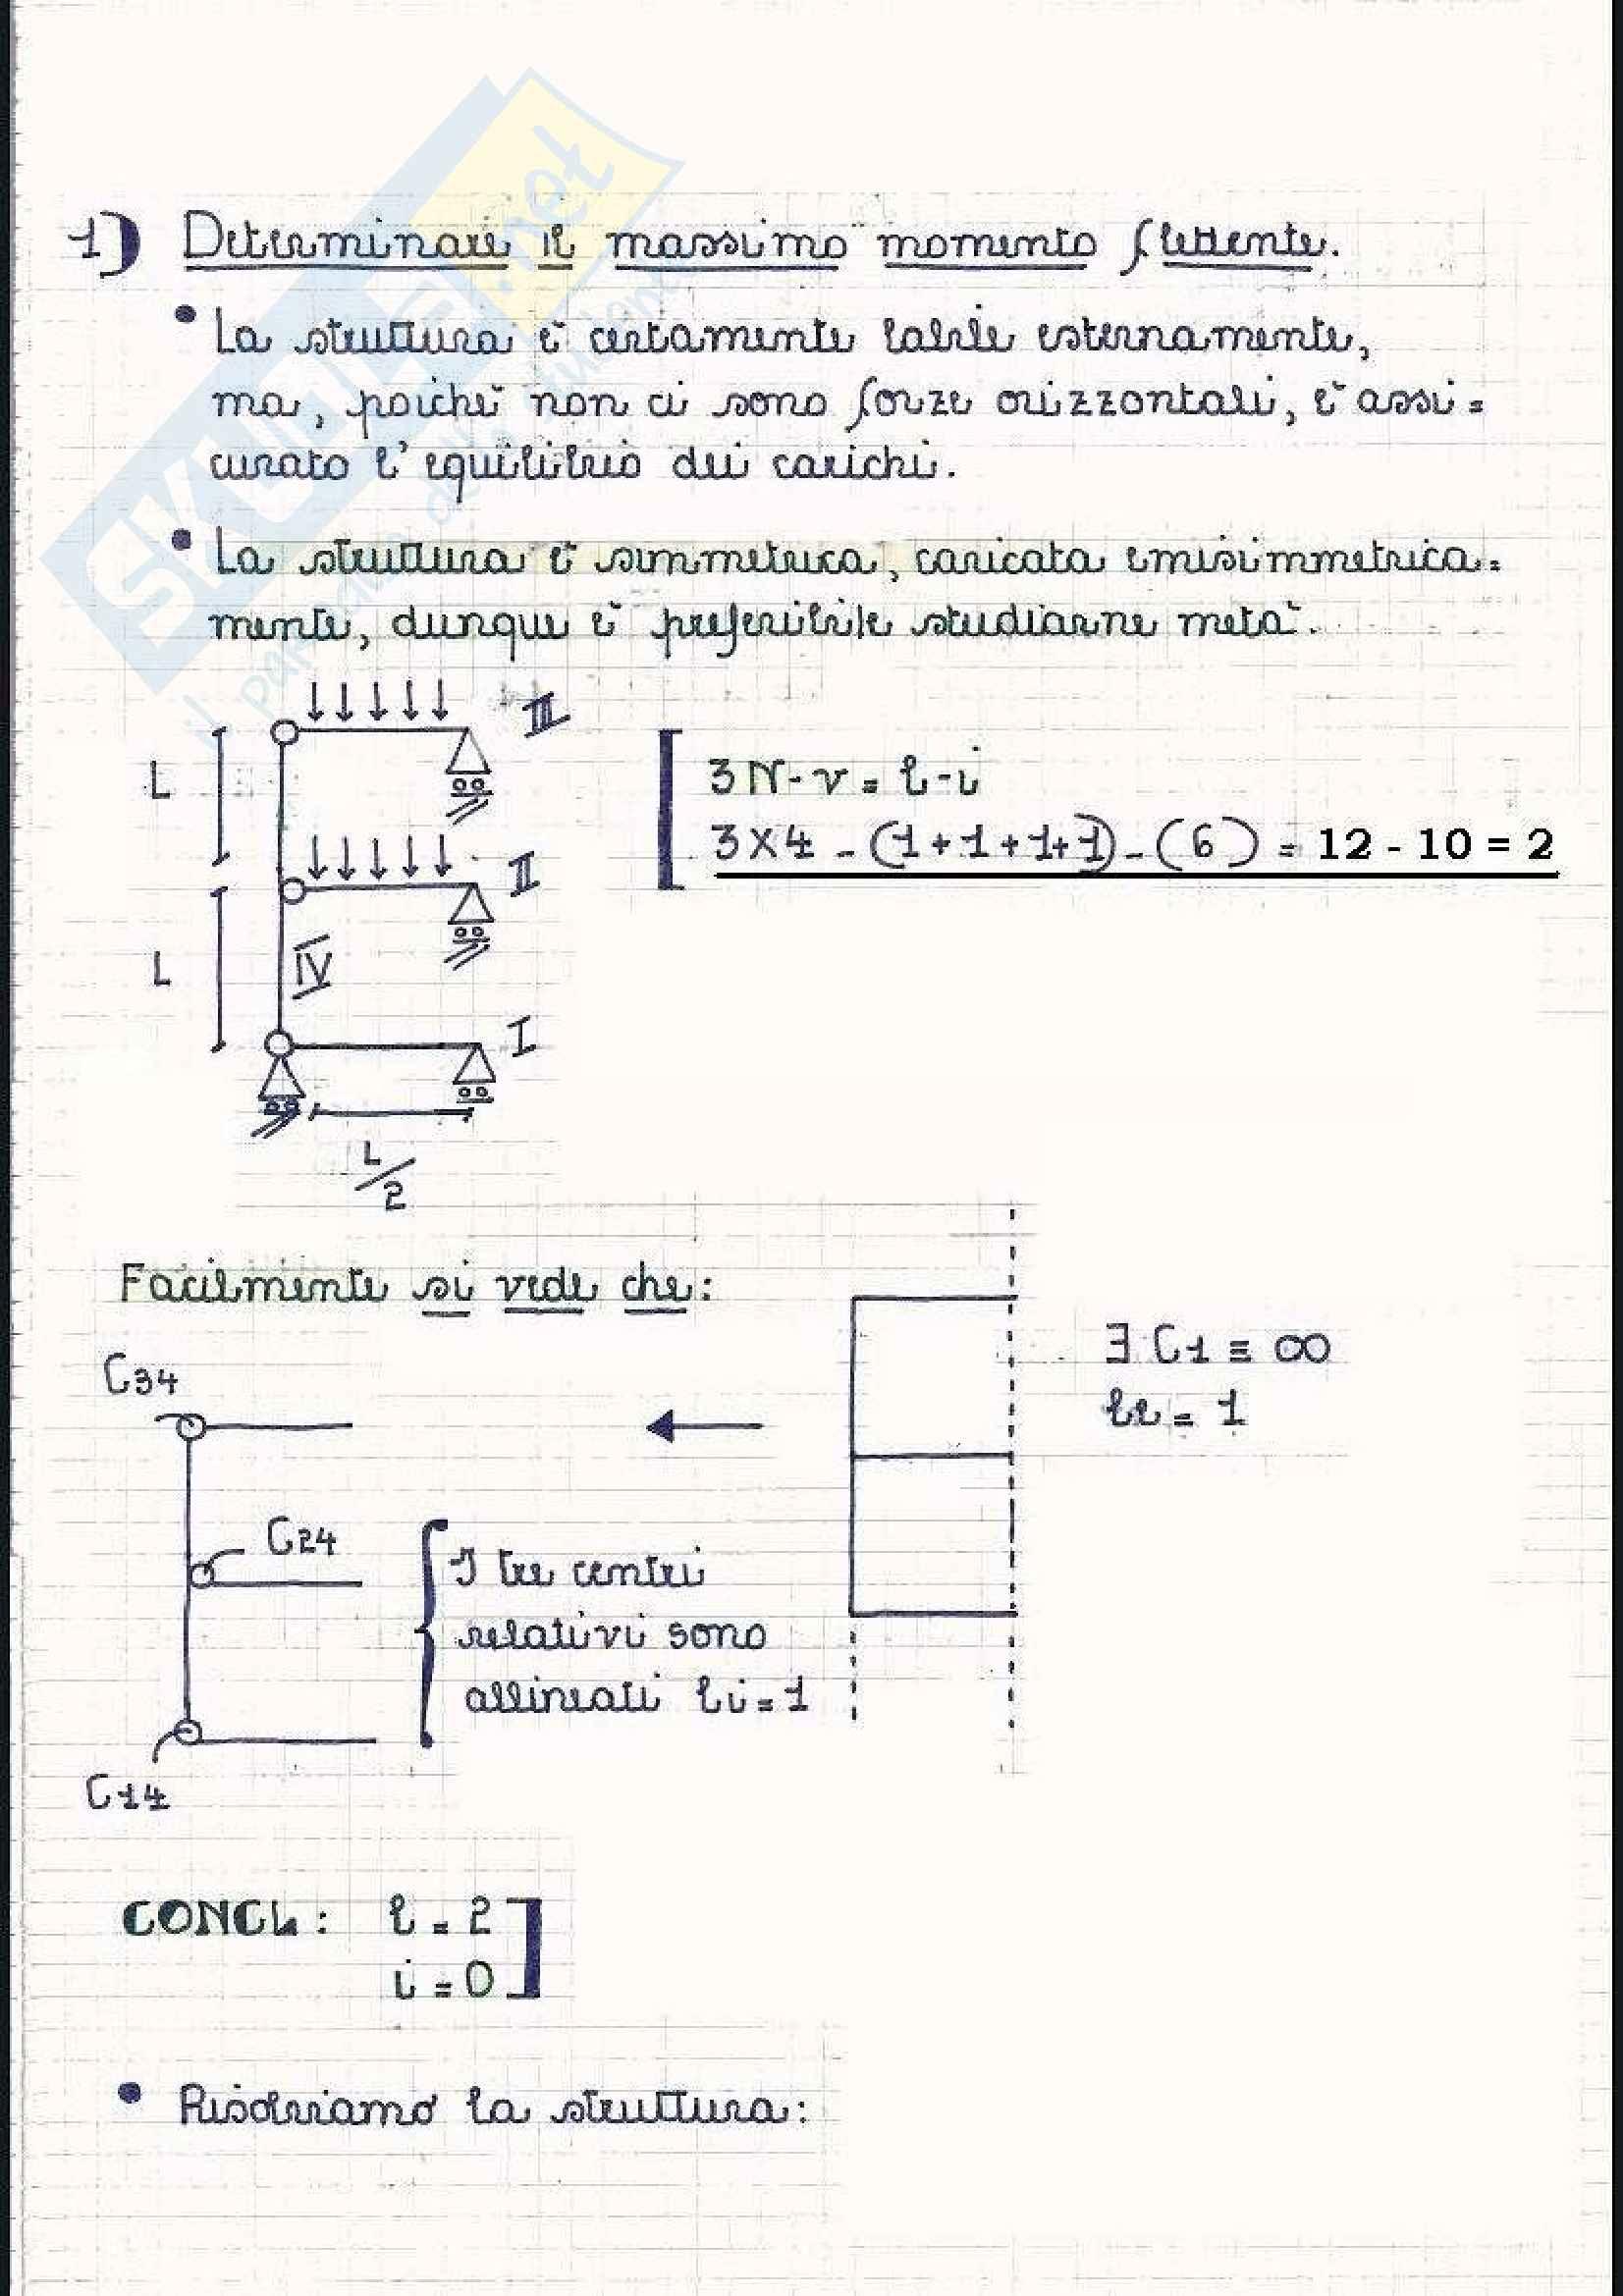 Scienza delle costruzioni - Esercizi sullo stato di tensione Pag. 2